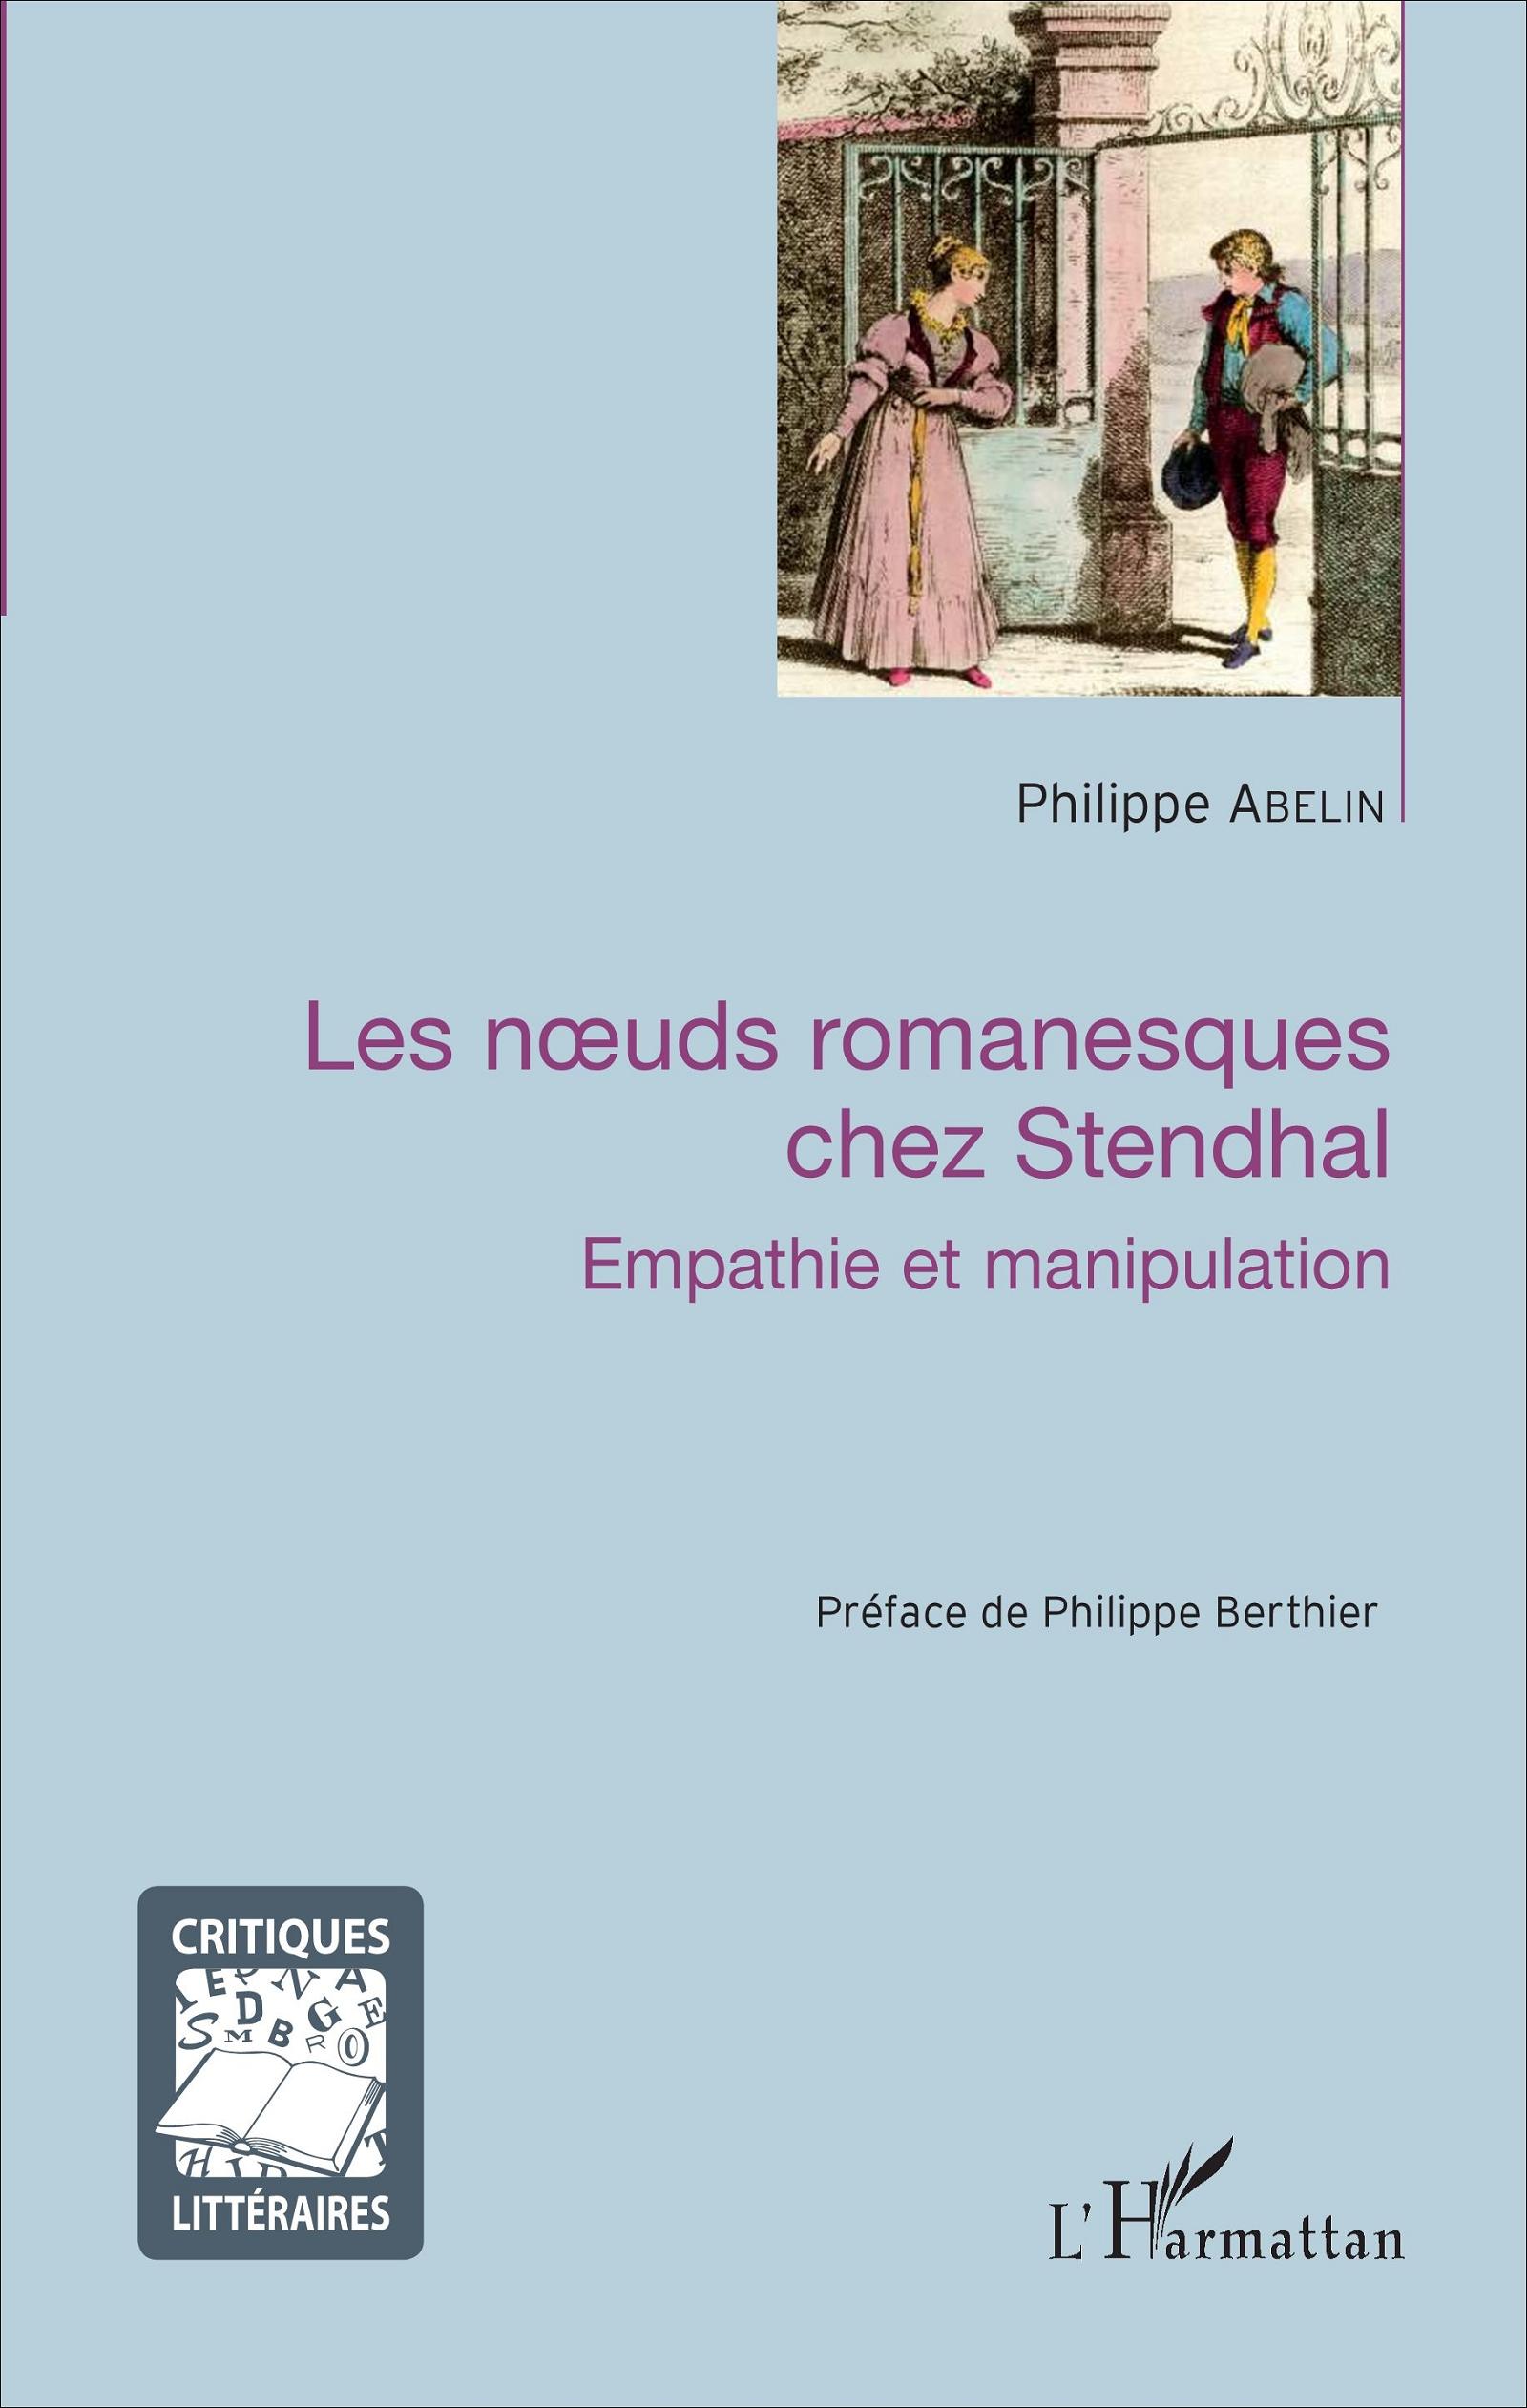 Ph. Abelin,Les Nœuds romanesques chez Stendhal. Empathie et manipulation